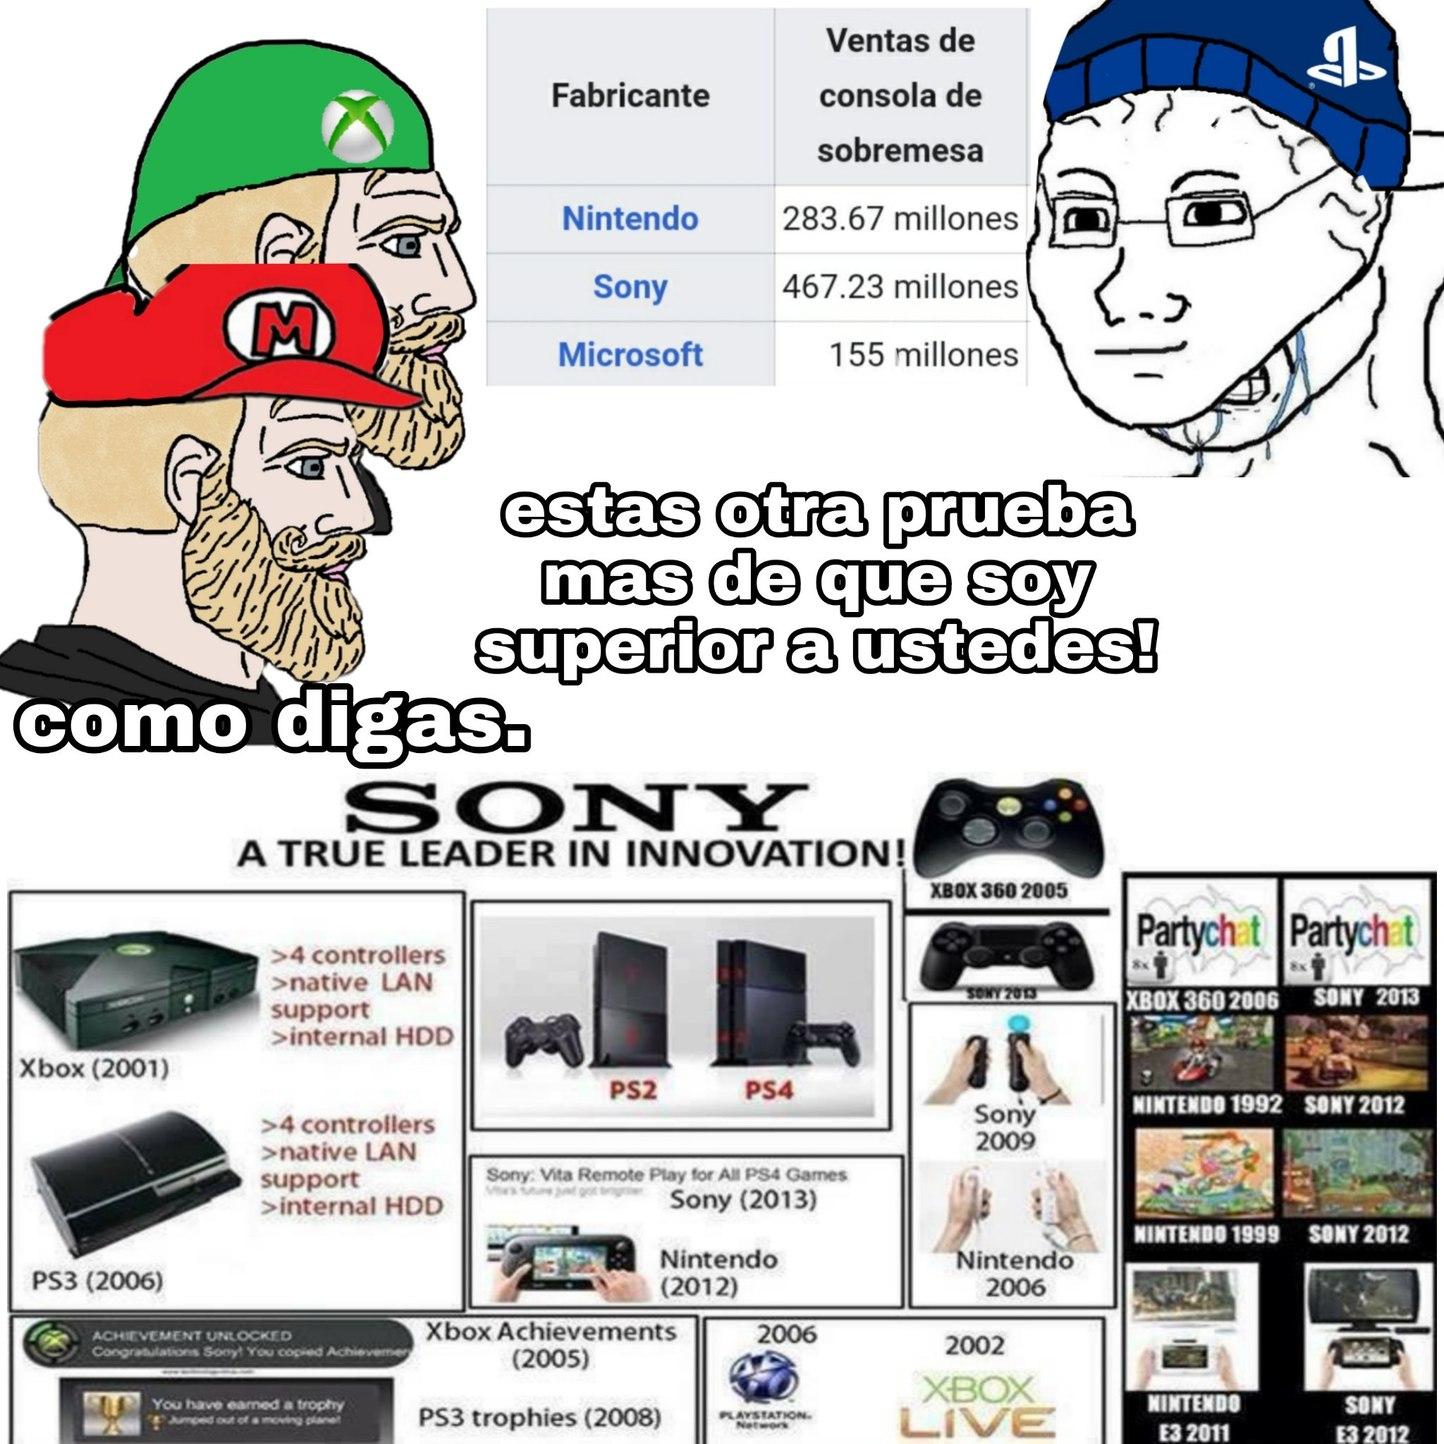 Sony robando ideas desde 1999 - meme